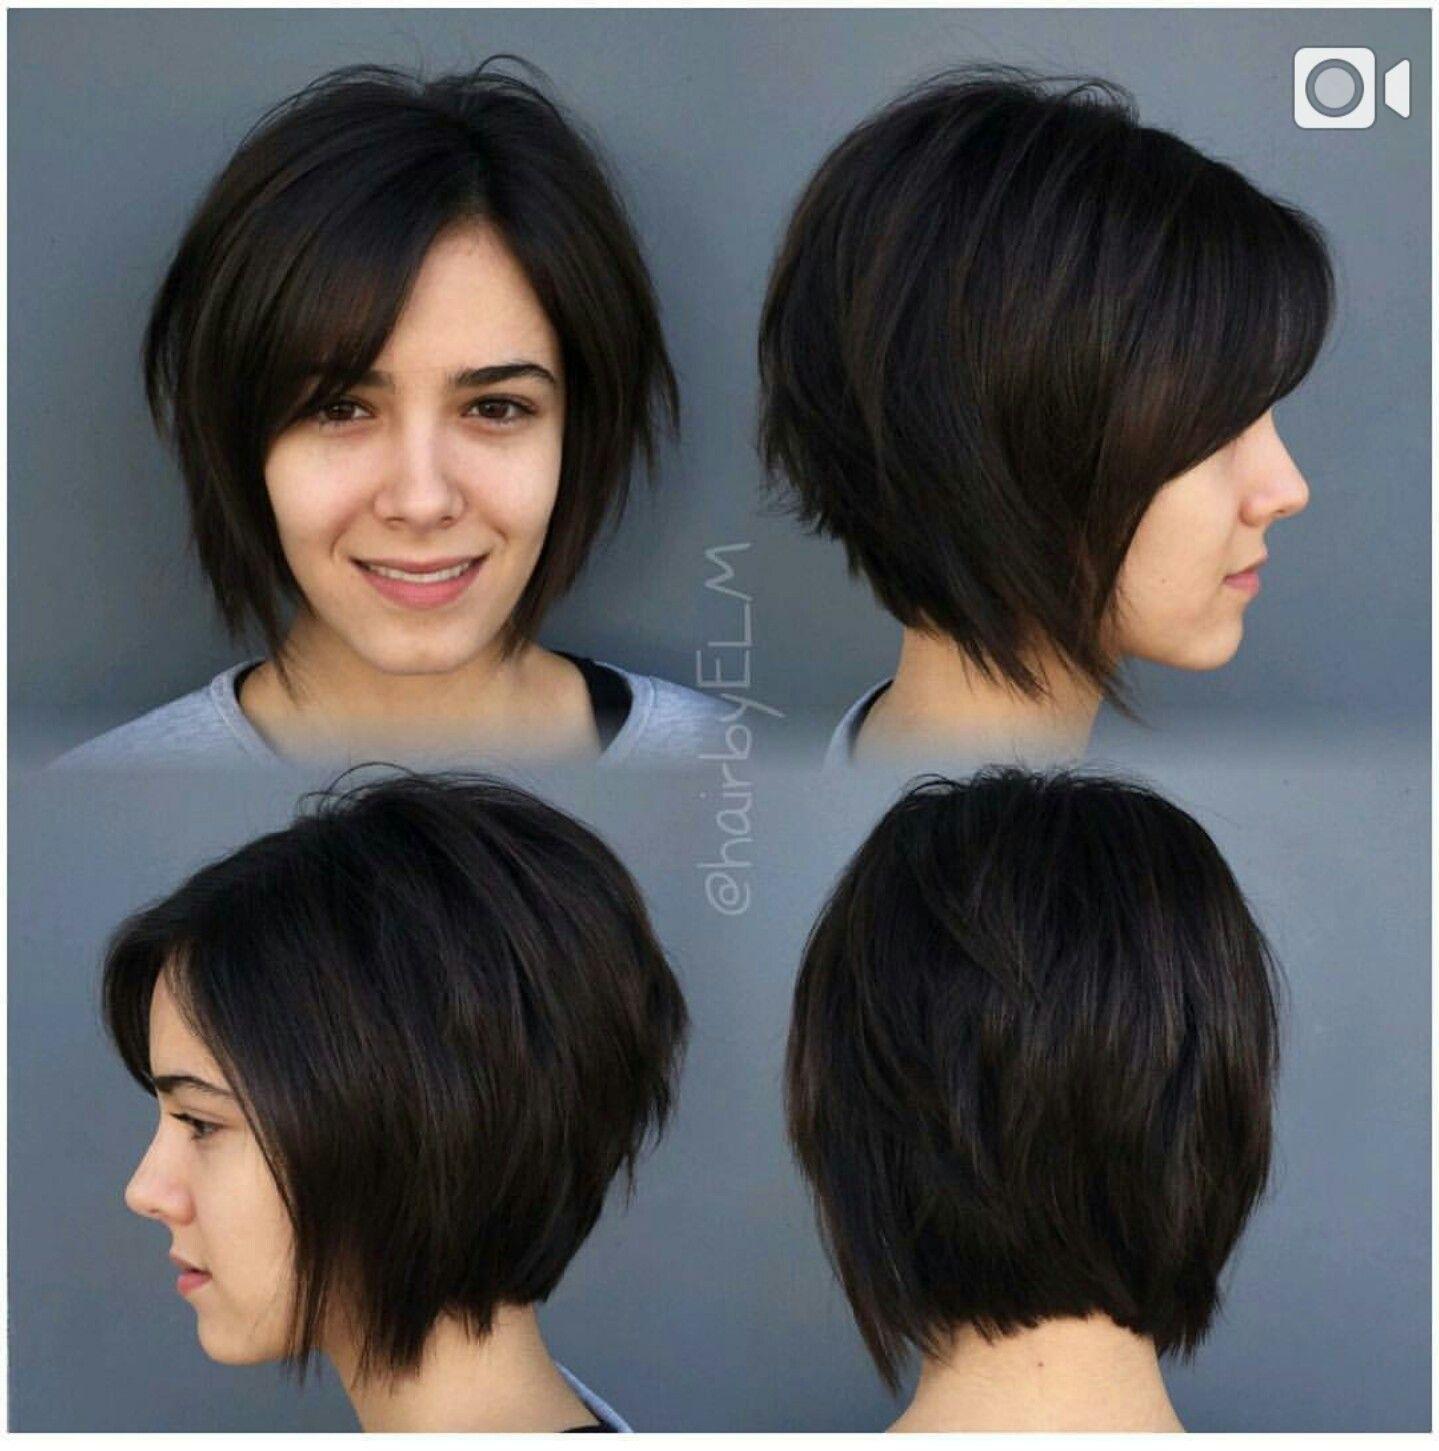 1176fd30fde274e18e75d9f196e4f005 Jpg 1439 1451 Short Hair Styles Hair Styles Short Thin Hair